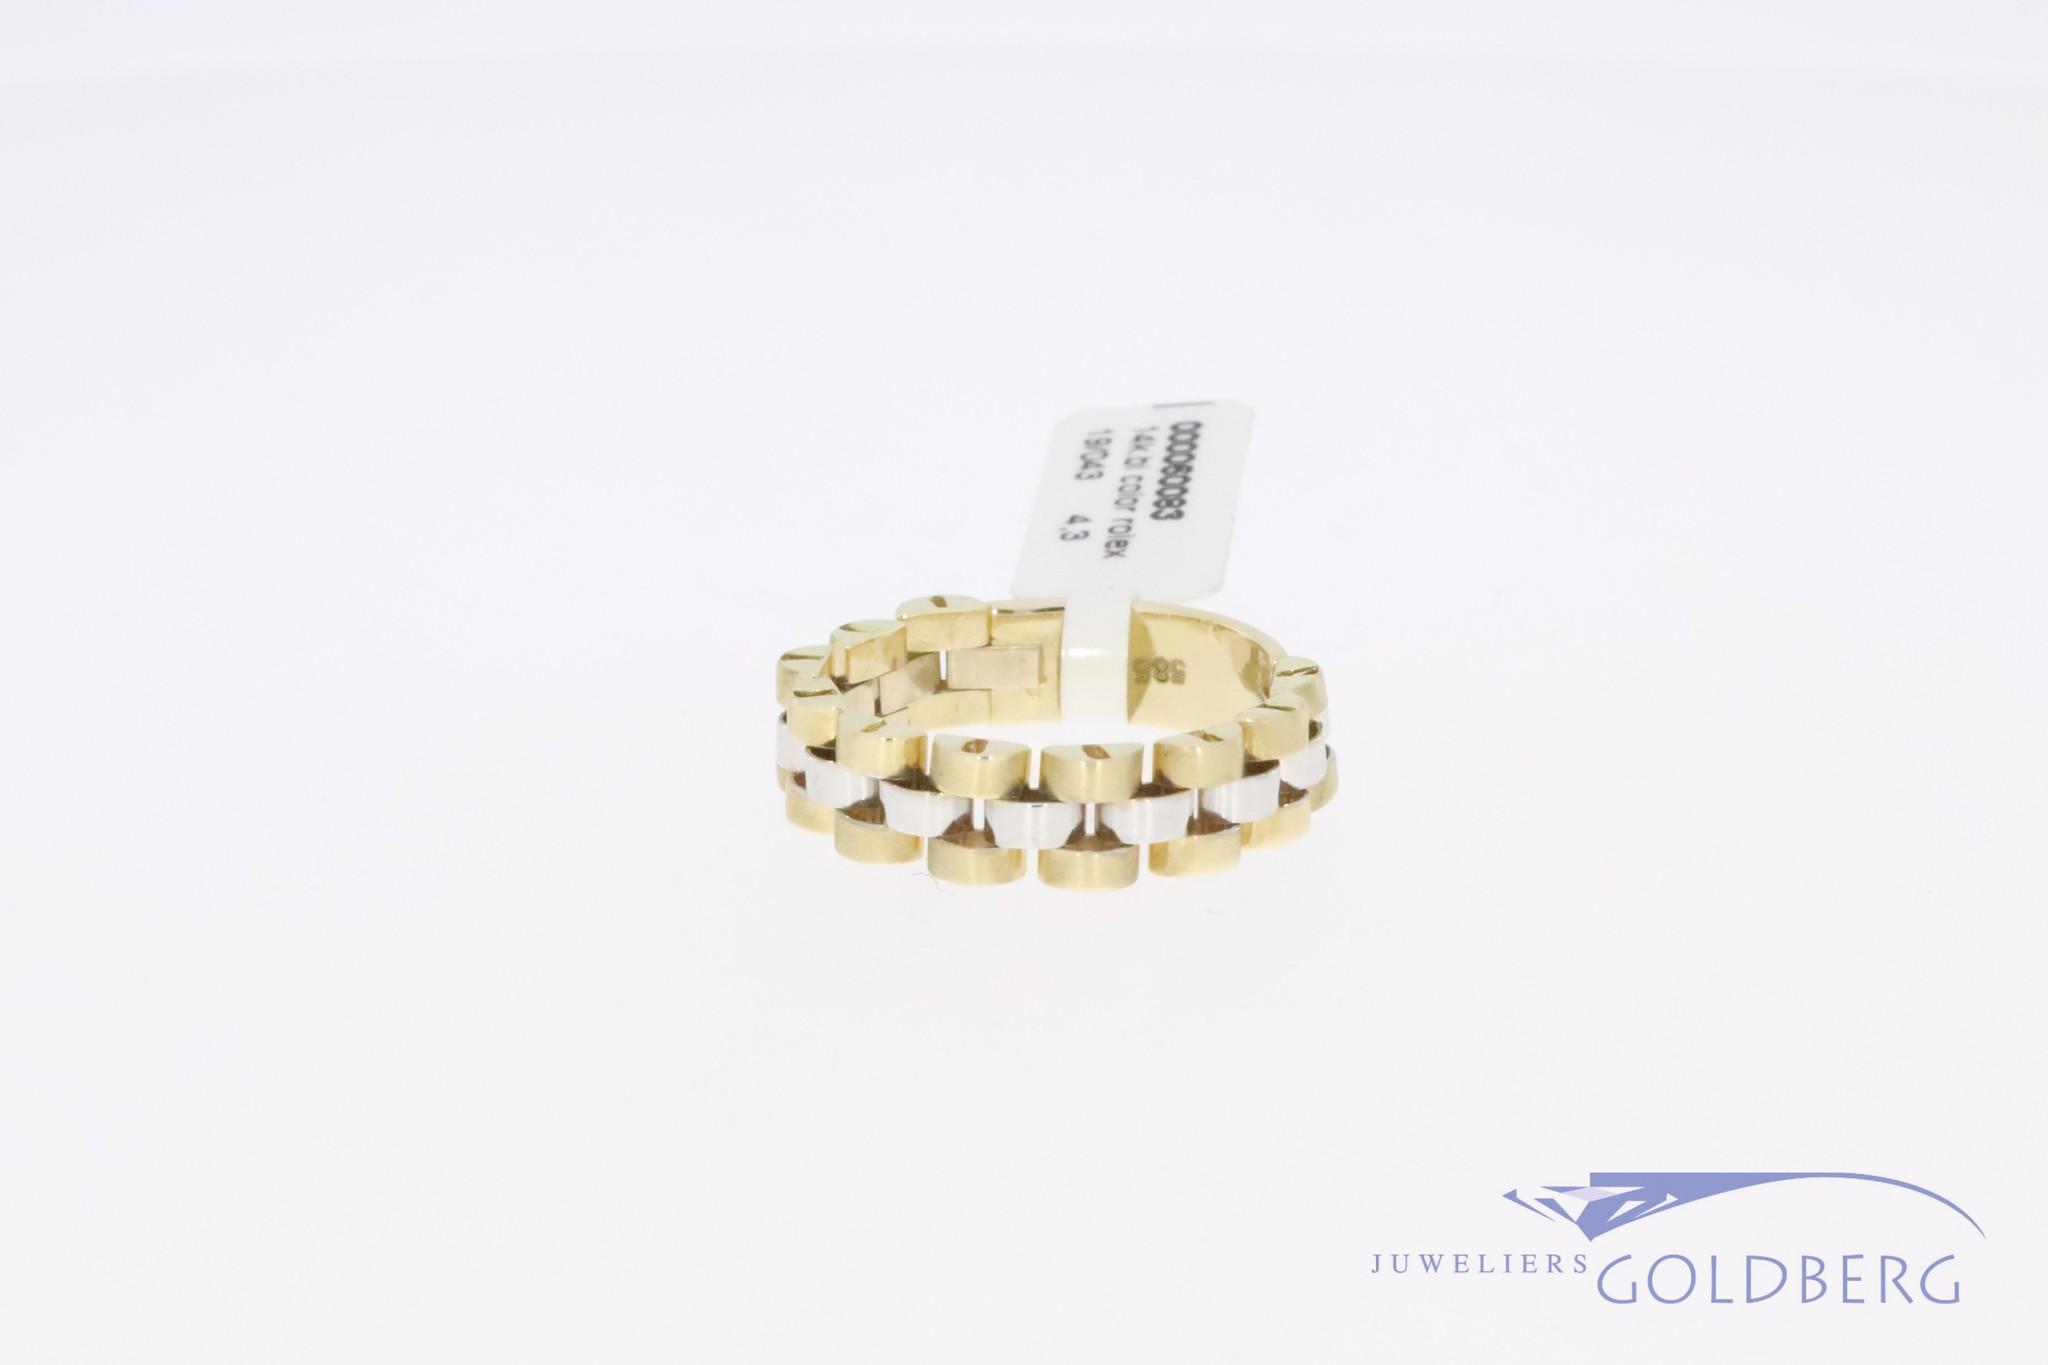 """14k gouden bicolor retro """"Rolex-schakel"""" ring, jaren '80-'90 stijl."""